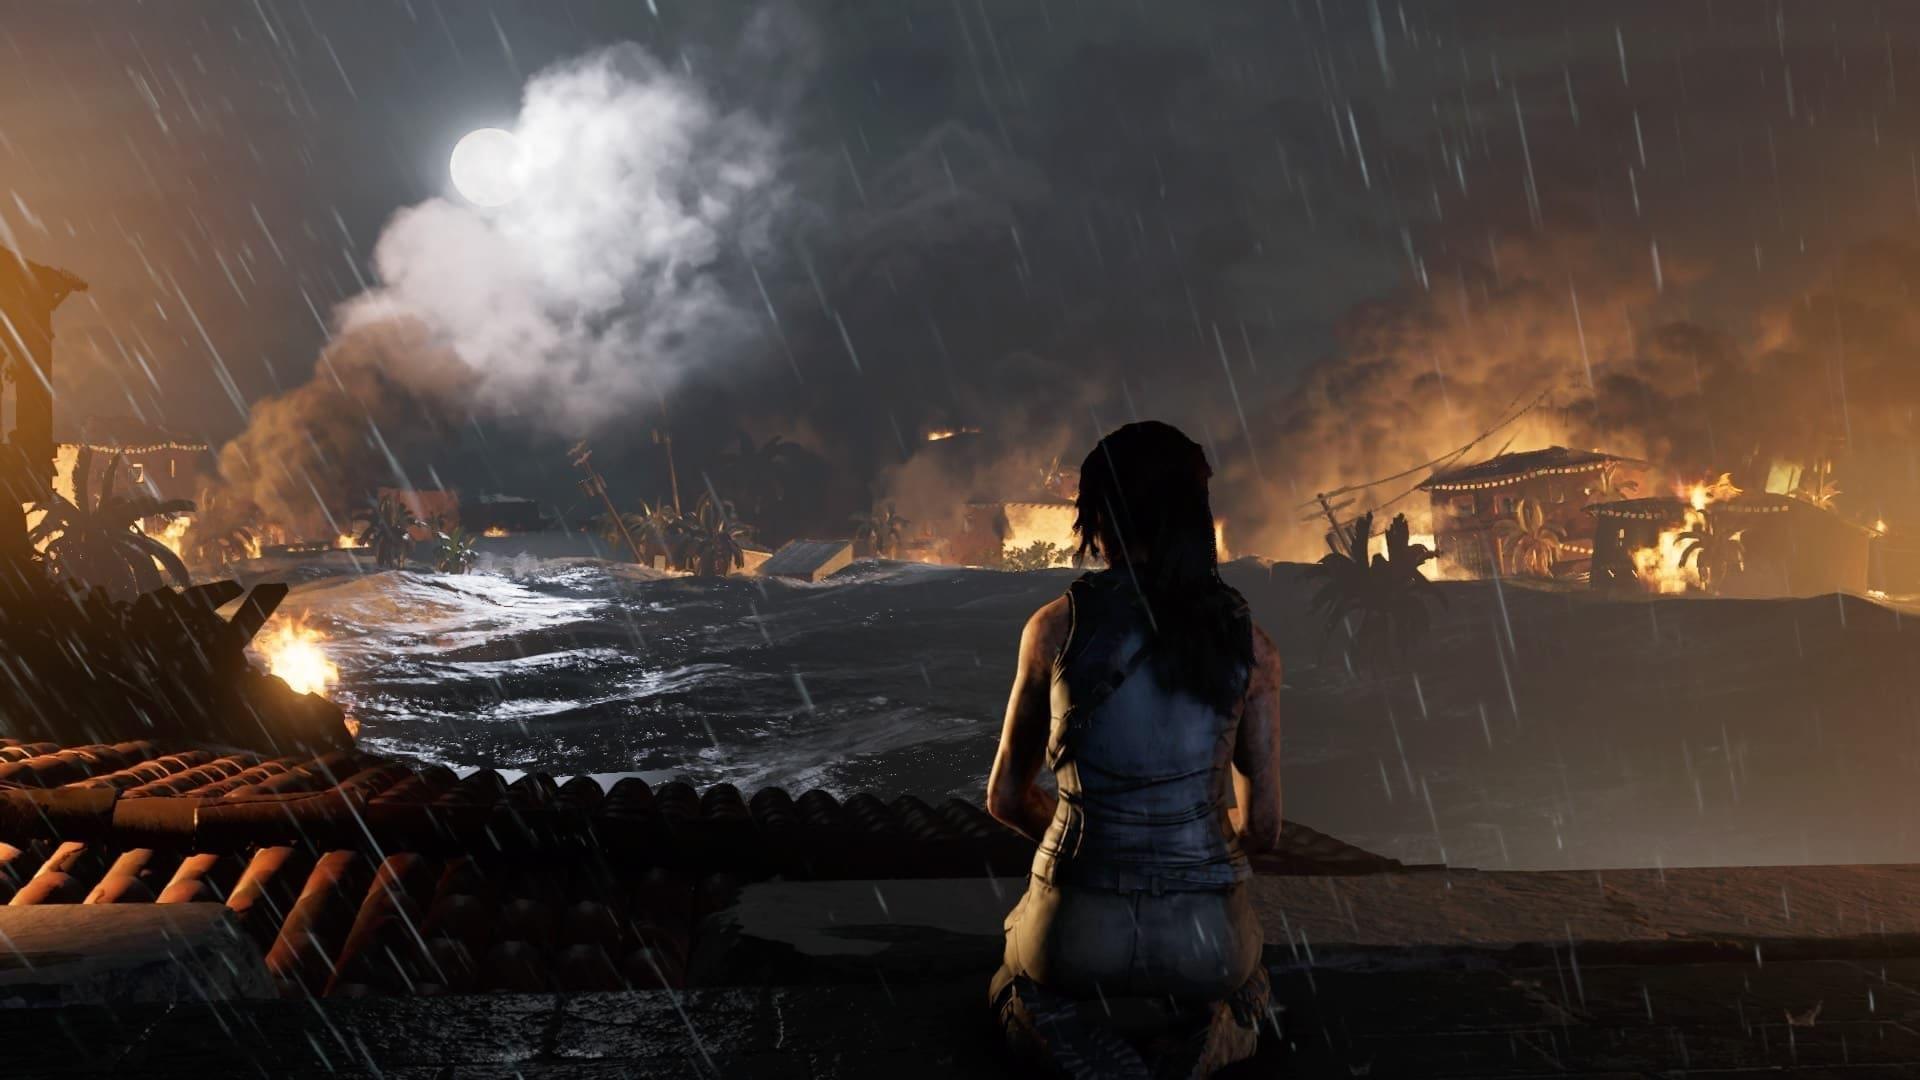 Eine Sturmflut - ausgelöst durch Lara?!